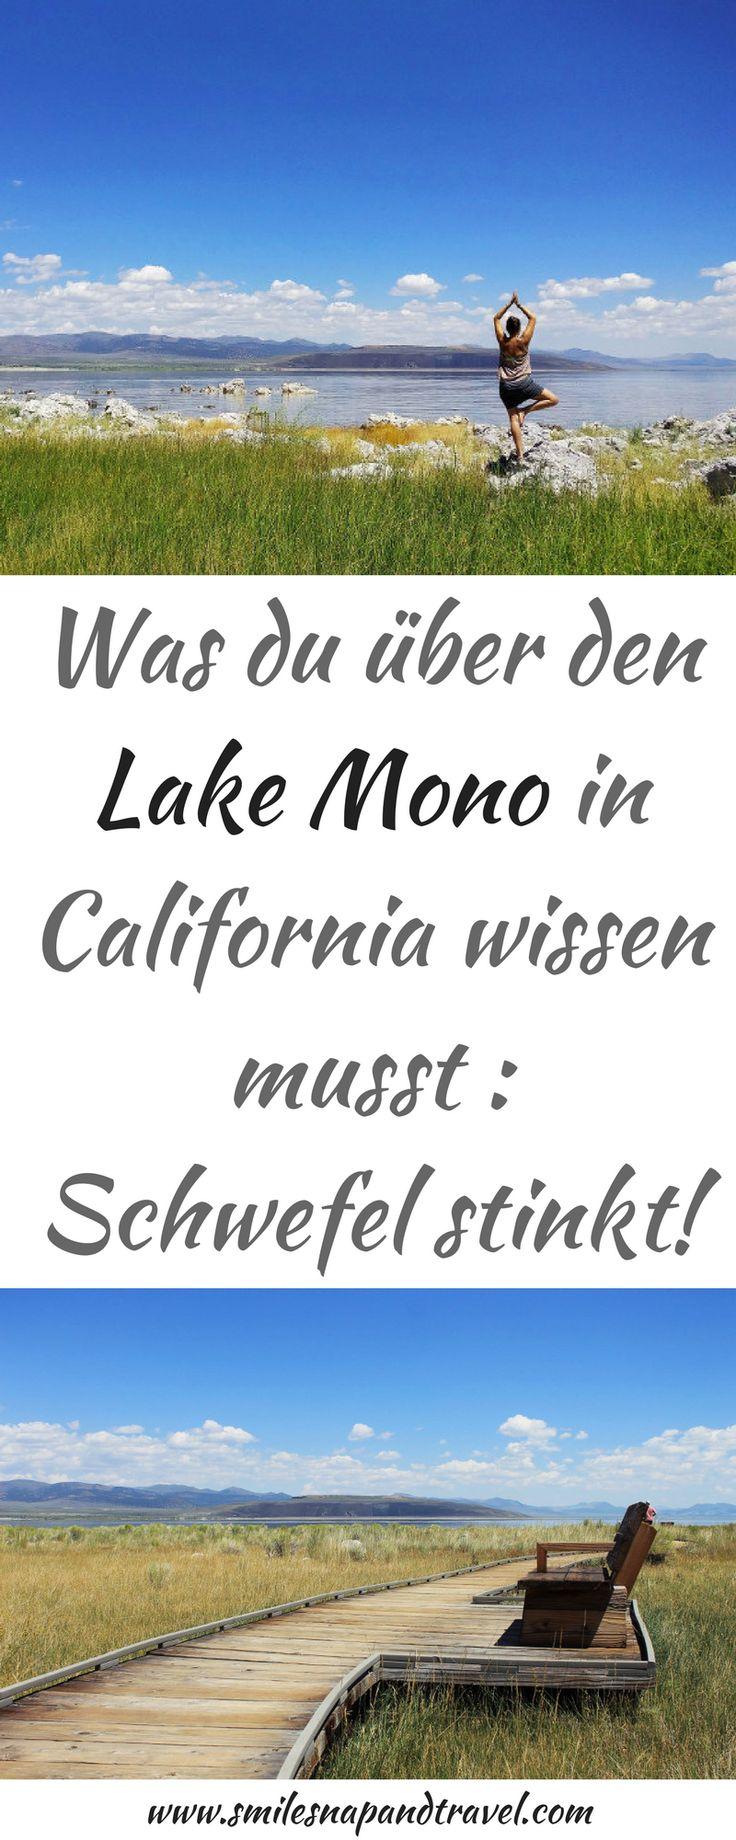 Roadtrip USA Planung: ein Besuch beim Lake Mono ist Pflicht!